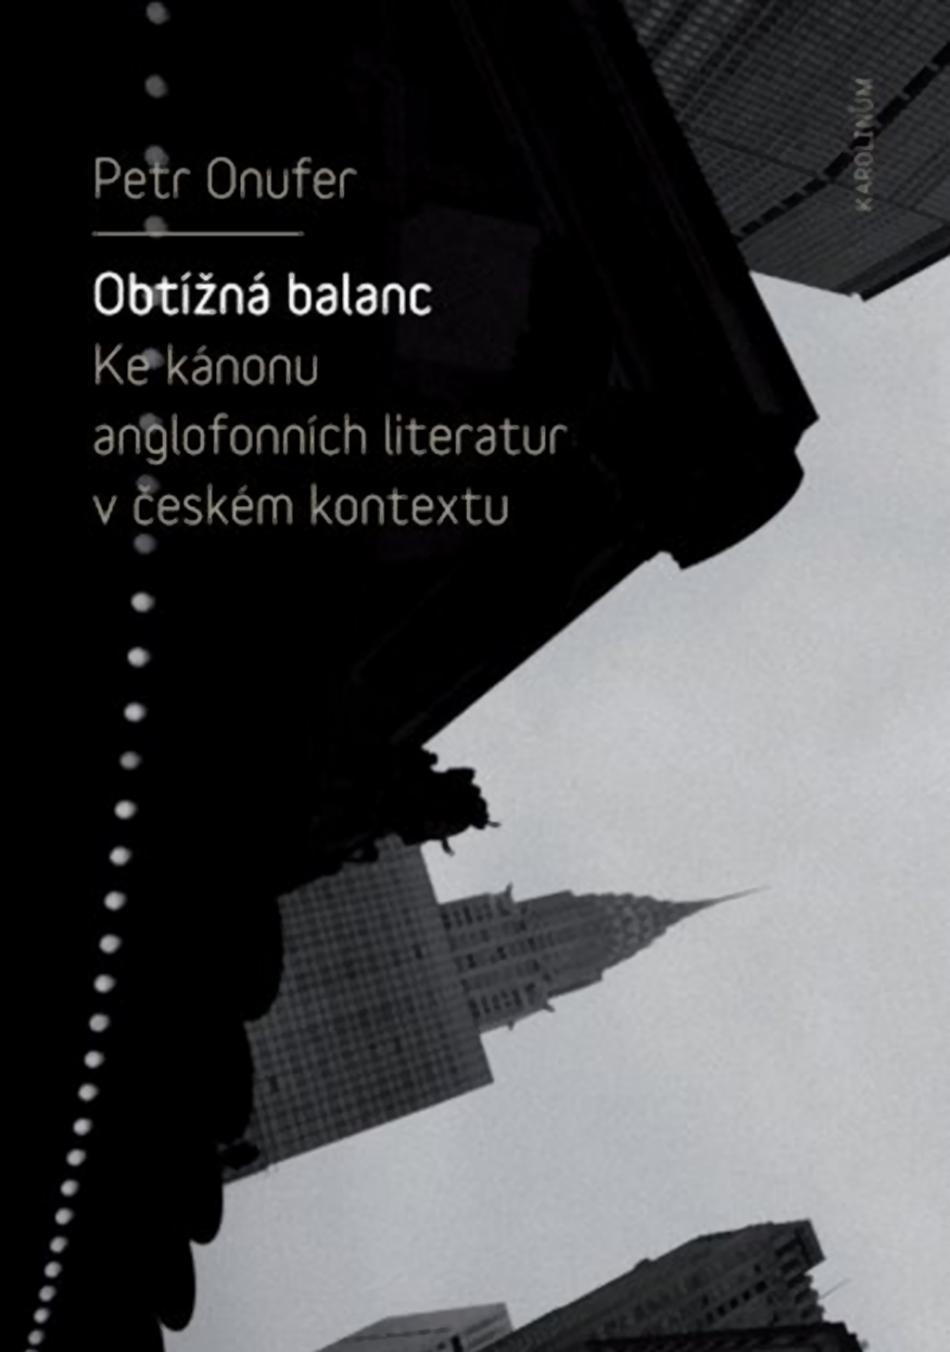 Obtížná balanc: Ke kánonu anglofonních literatur v českém kontextu